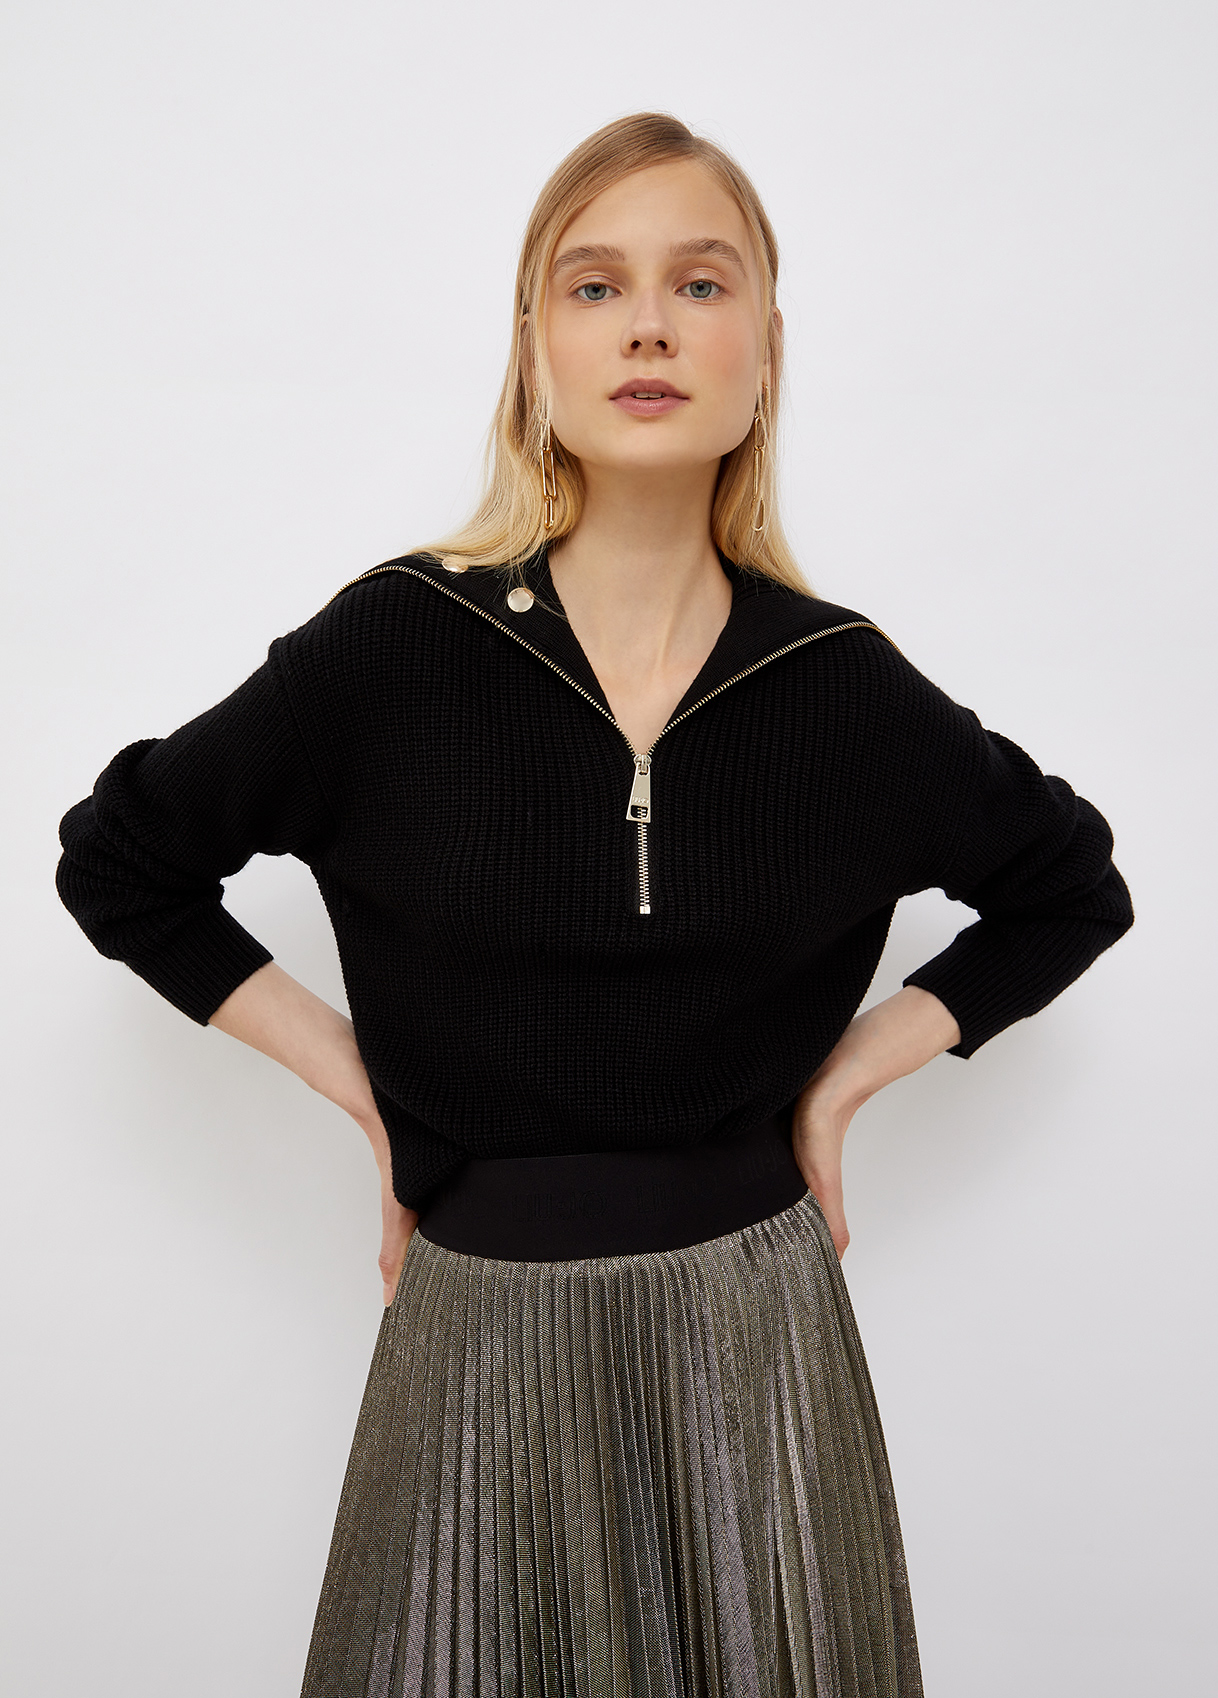 Maglia donna nera con borchie Liu-Jeans | WF1329MA51I22222